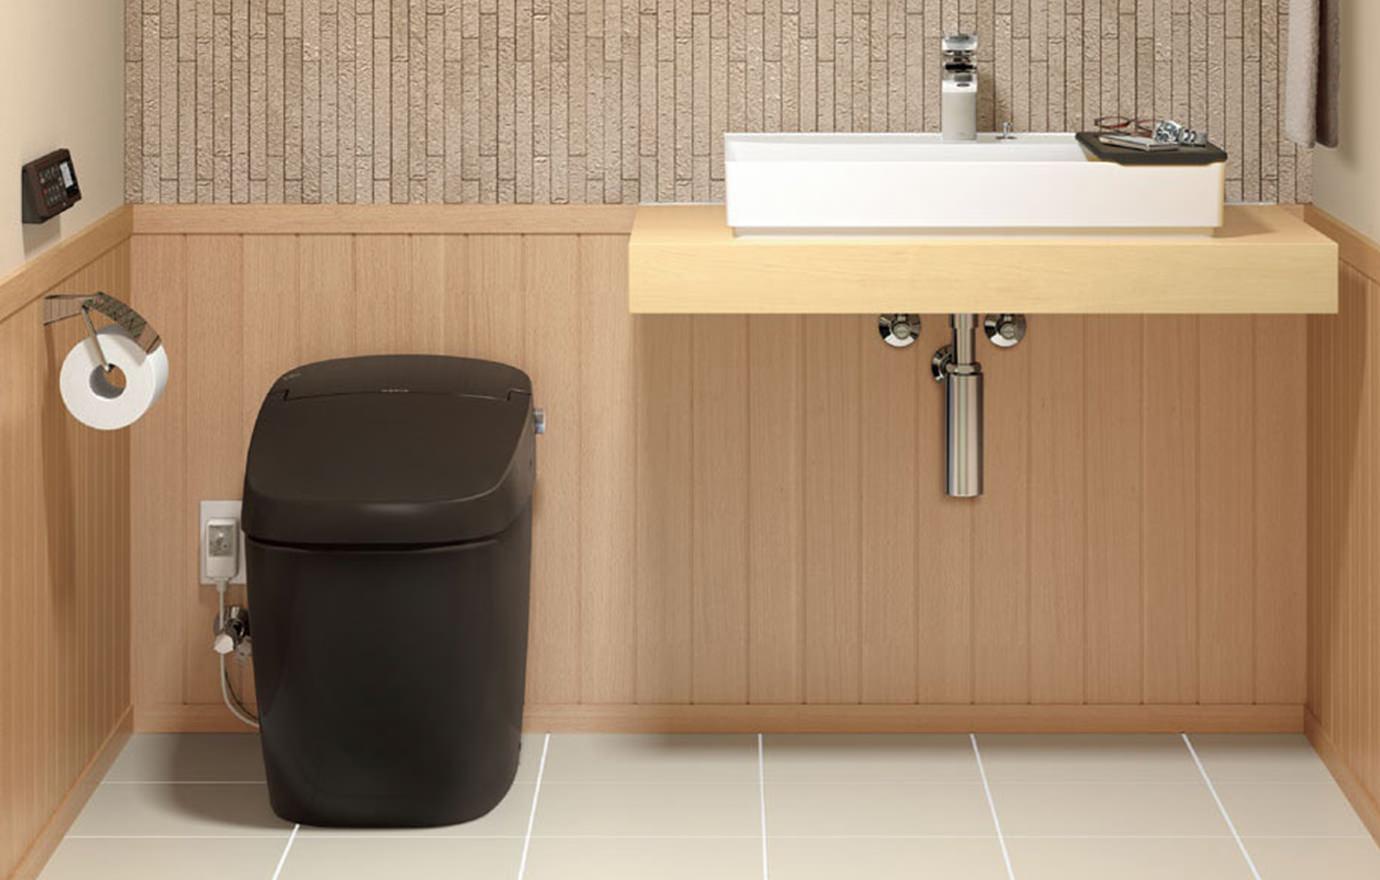 水道・電気代が年間約2万円節約できる! 最新トイレの節水・節電性能